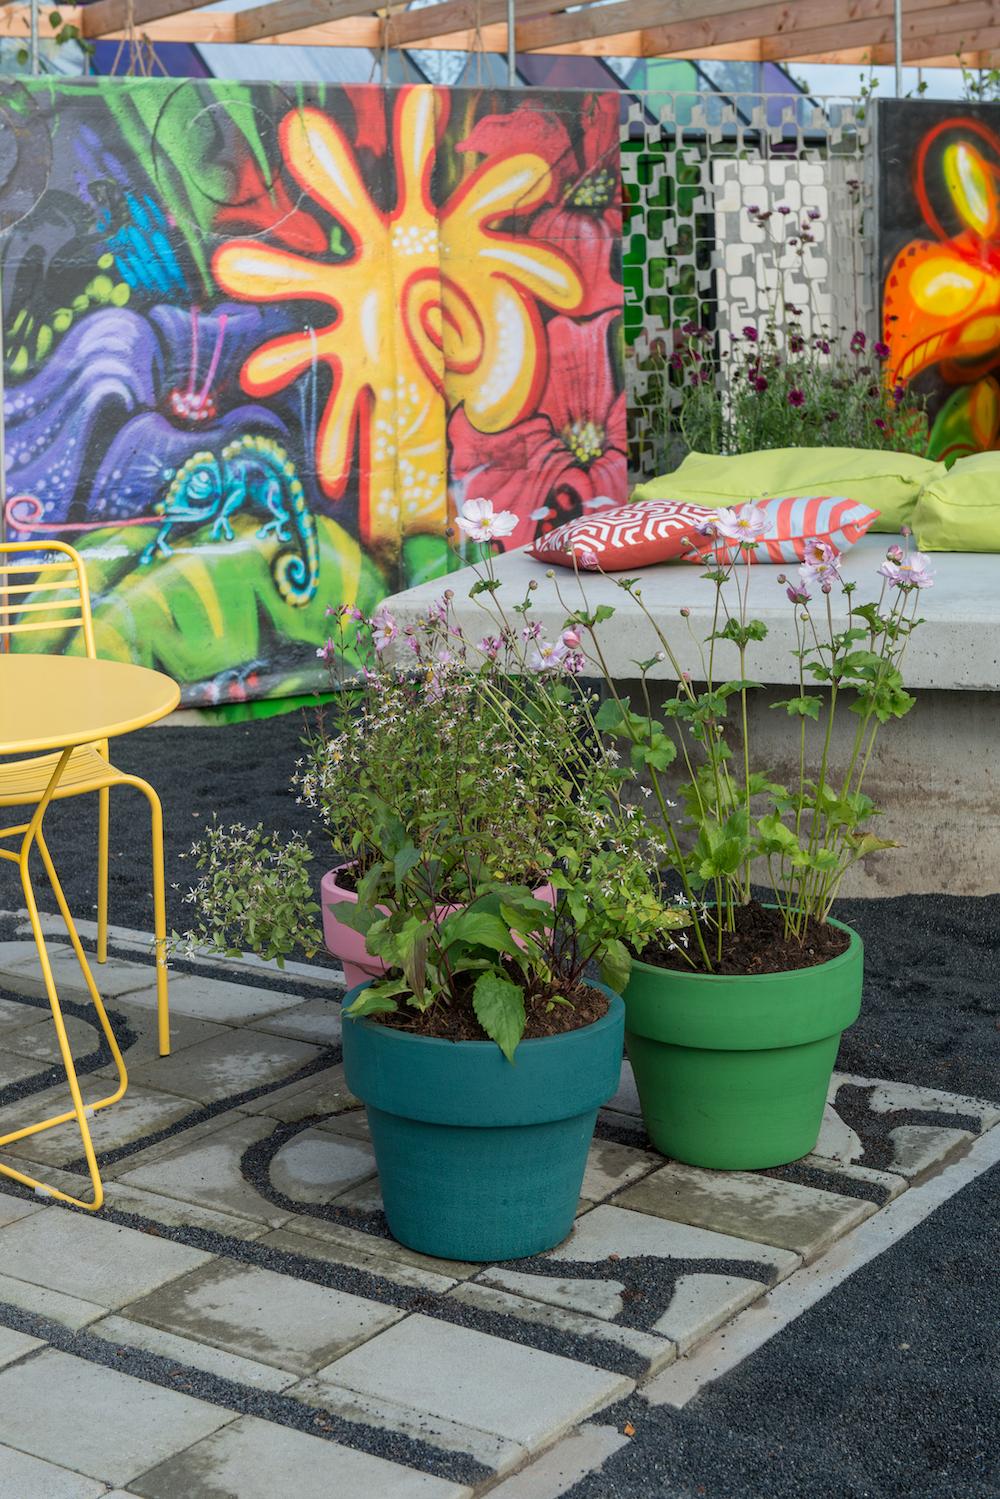 Tuintrends 2020: urban én mix van culturen #tuin #tuininspiratie #tuintrends